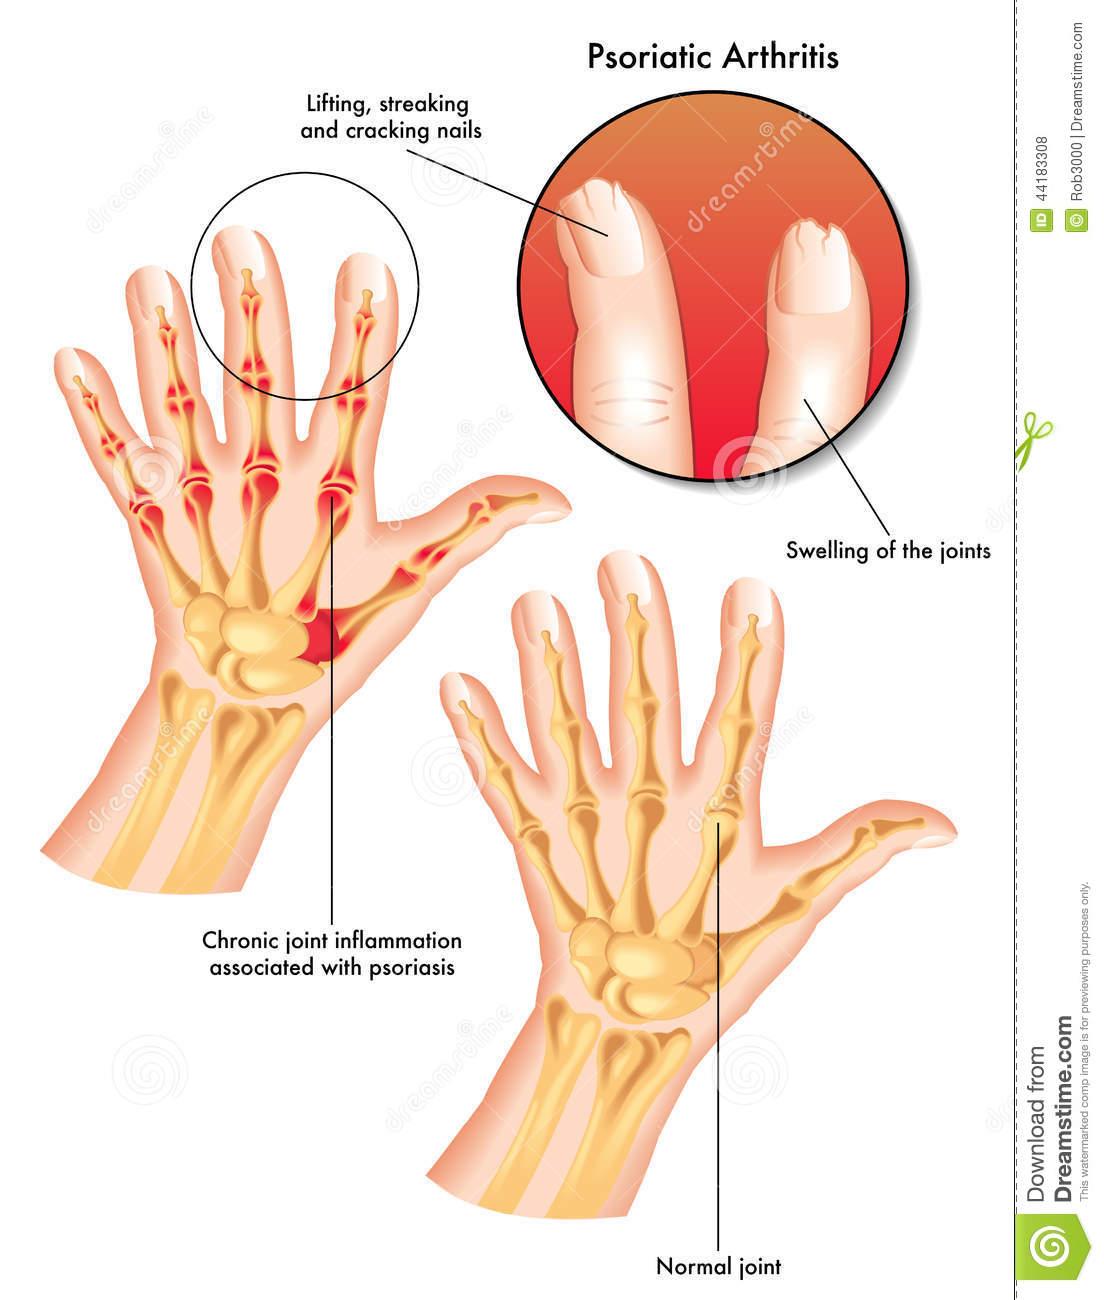 شناخت  بیماری آرتريت مرتبط با پسوريازيس:psoriatic arthritis